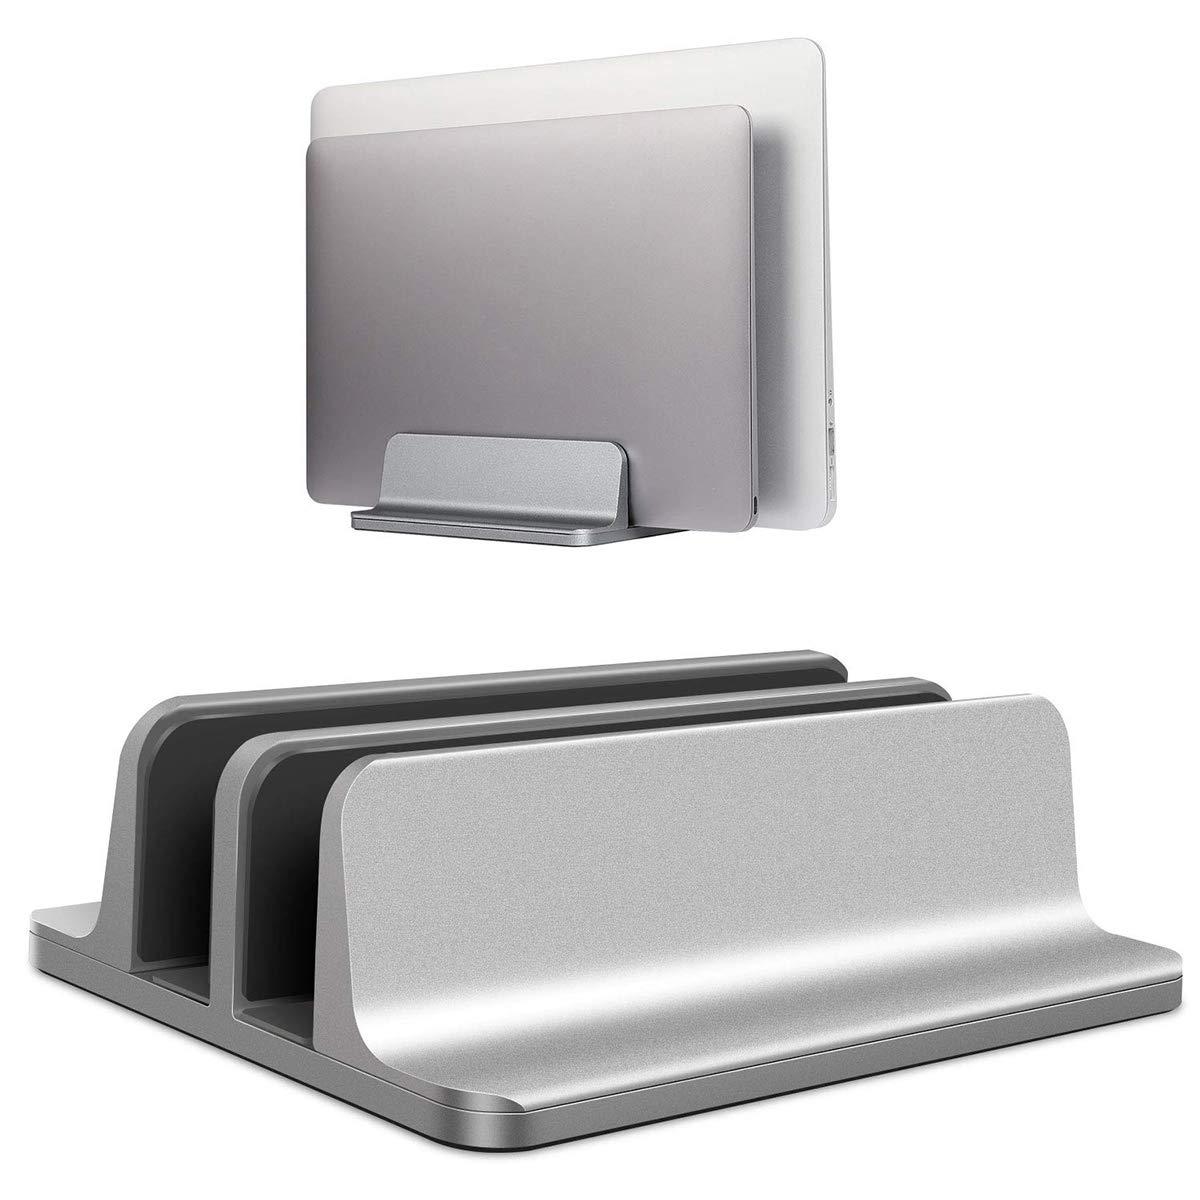 passend f/ür alle MacBook//Surface//Samsung//HP//Dell//Chrome Book bis zu 17,3 Zoll Doppel-St/änder mit verstellbarem Dock BECROWM EU Vertikaler Laptop-St/änder